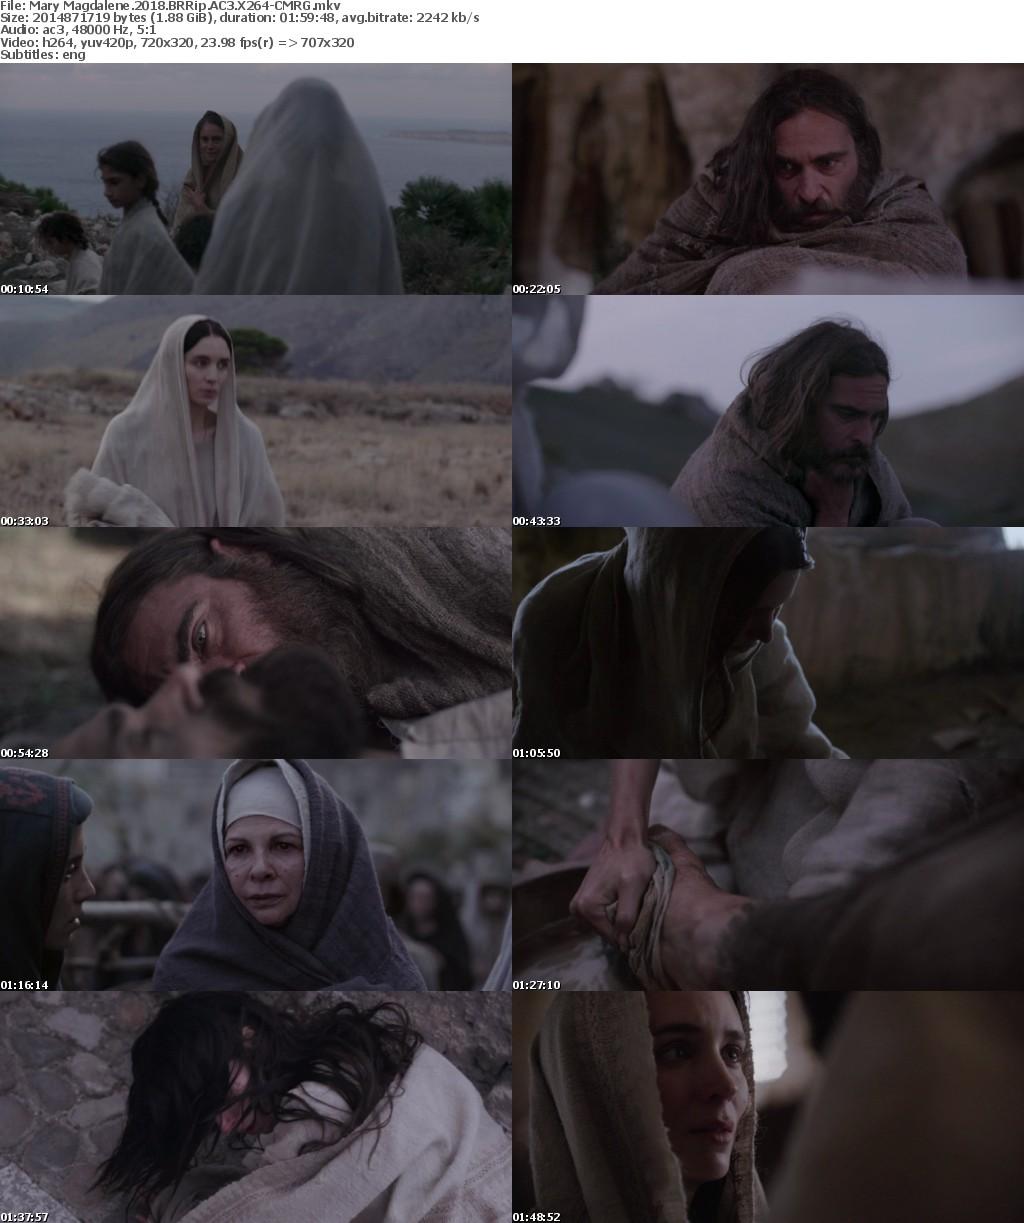 Mary Magdalene (2018) BRRip AC3 X264-CMRG